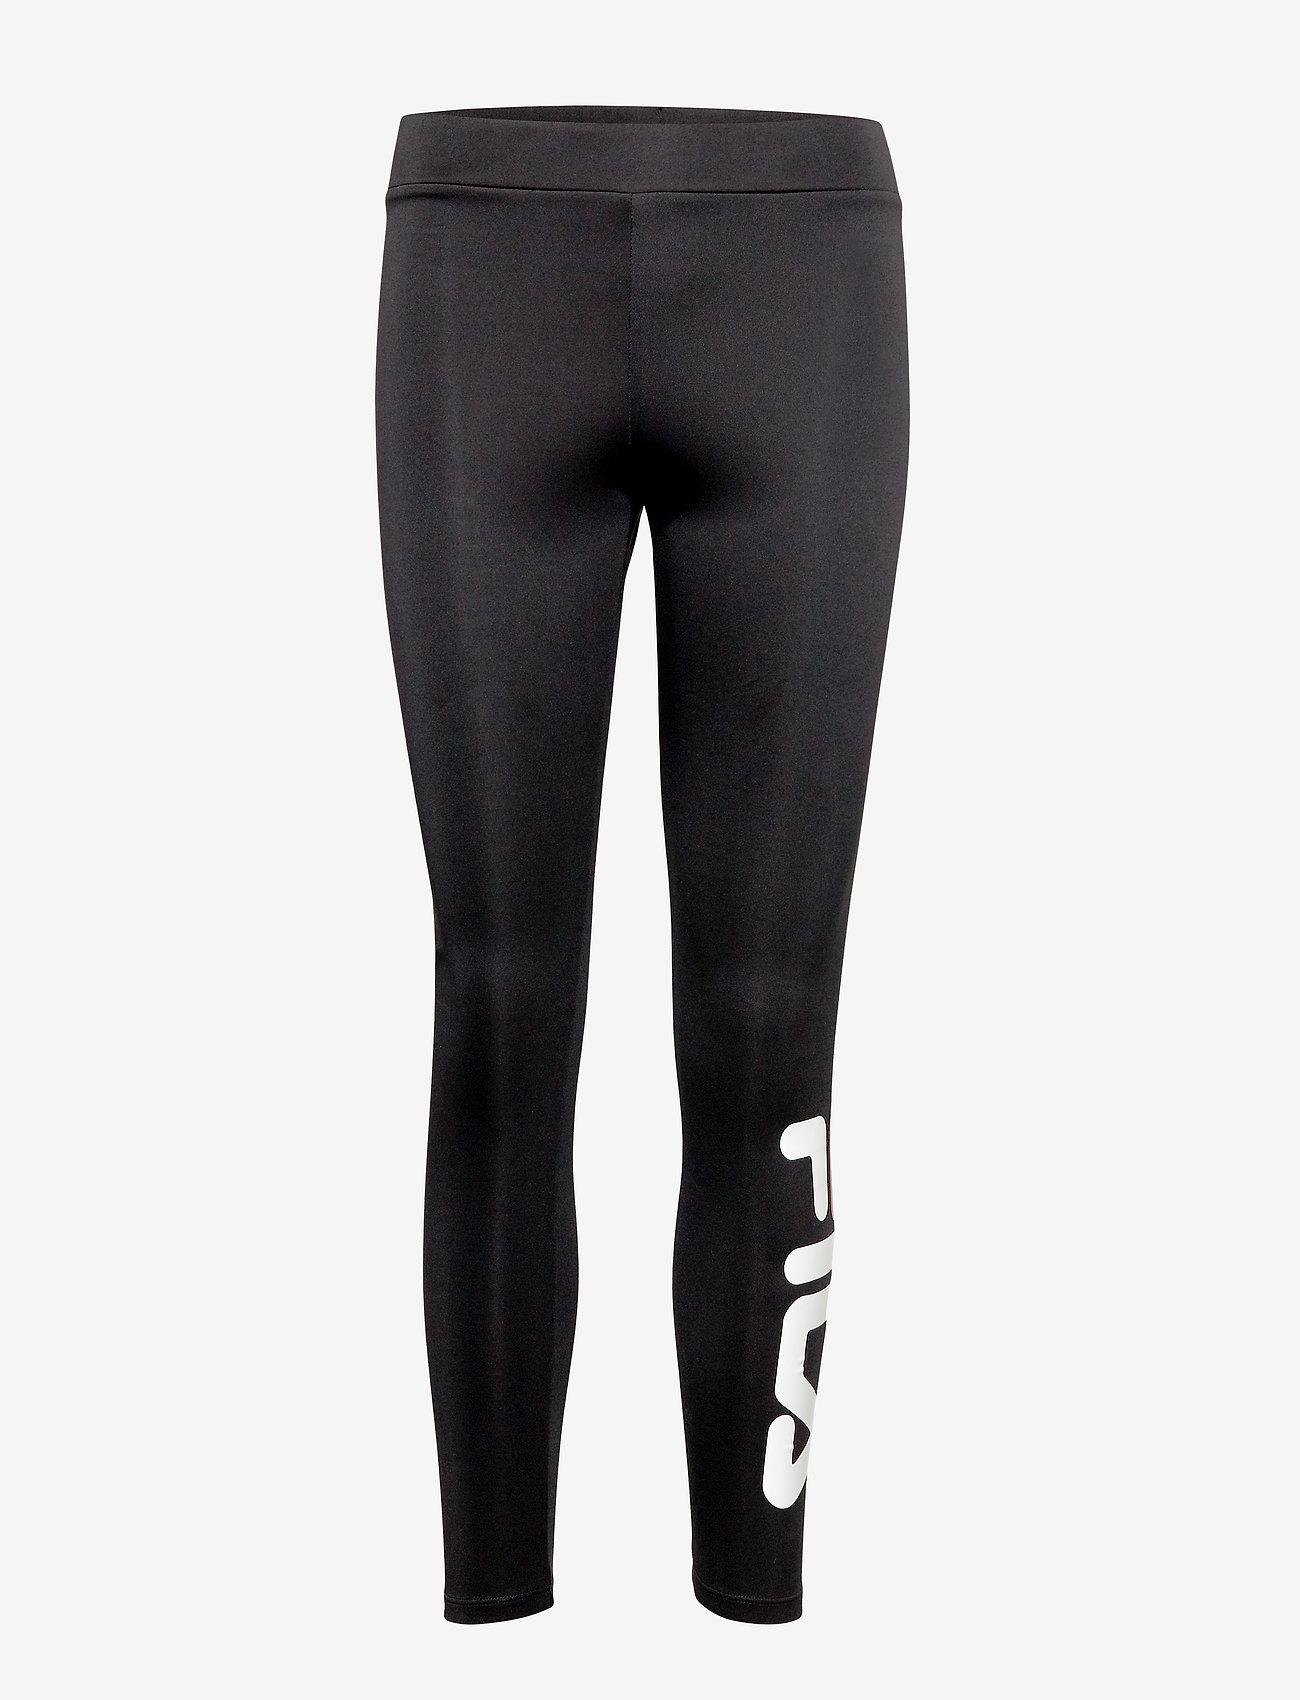 FILA - WOMEN FLEX 2.0 leggings - leggings - black - 0